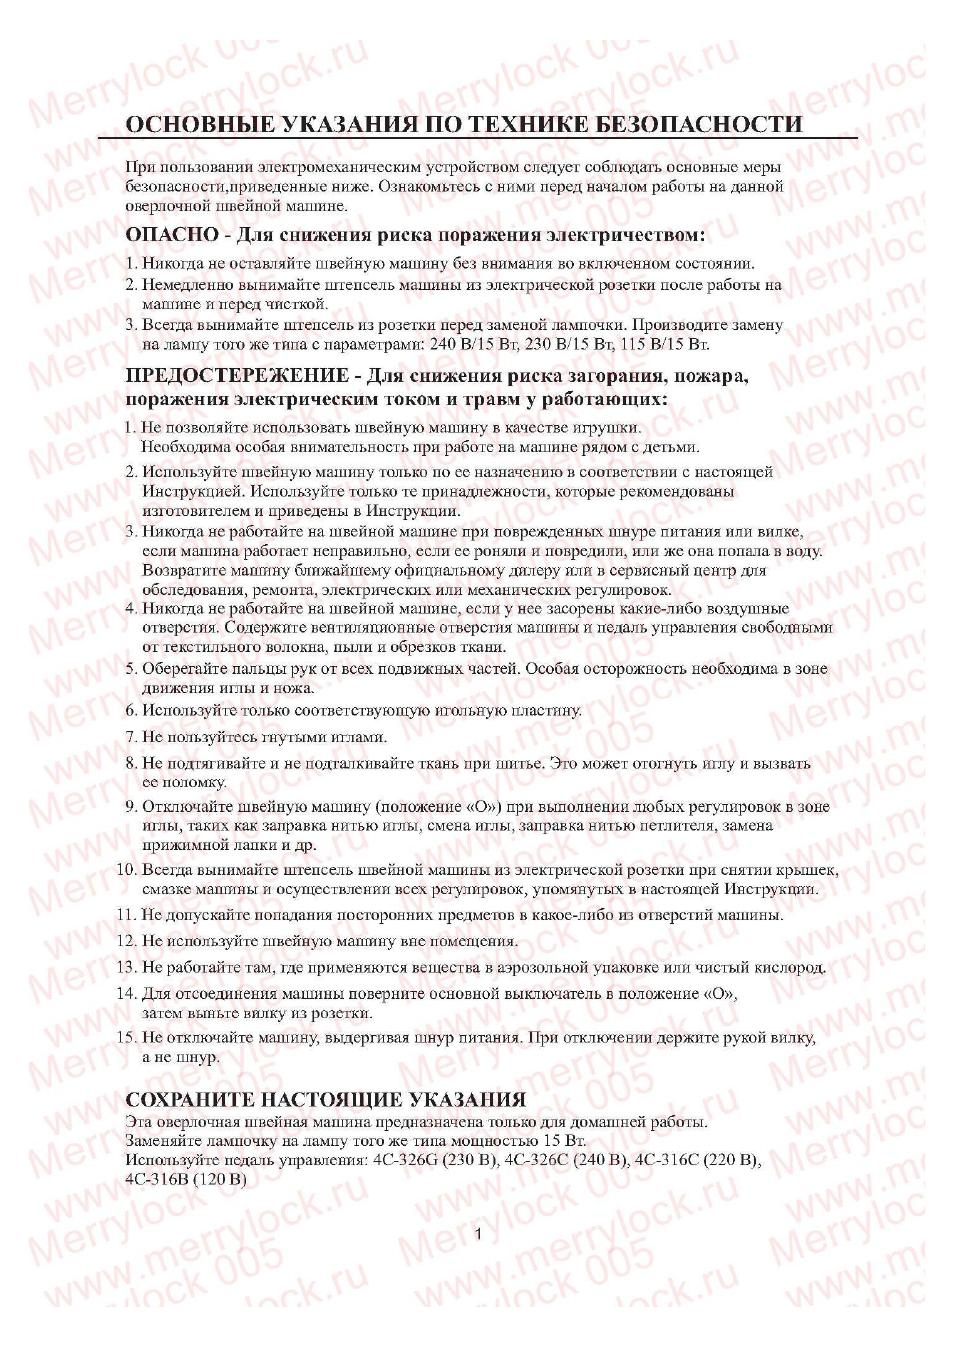 Основные указания по технике безопасности, Сохраните настоящие у1сазания